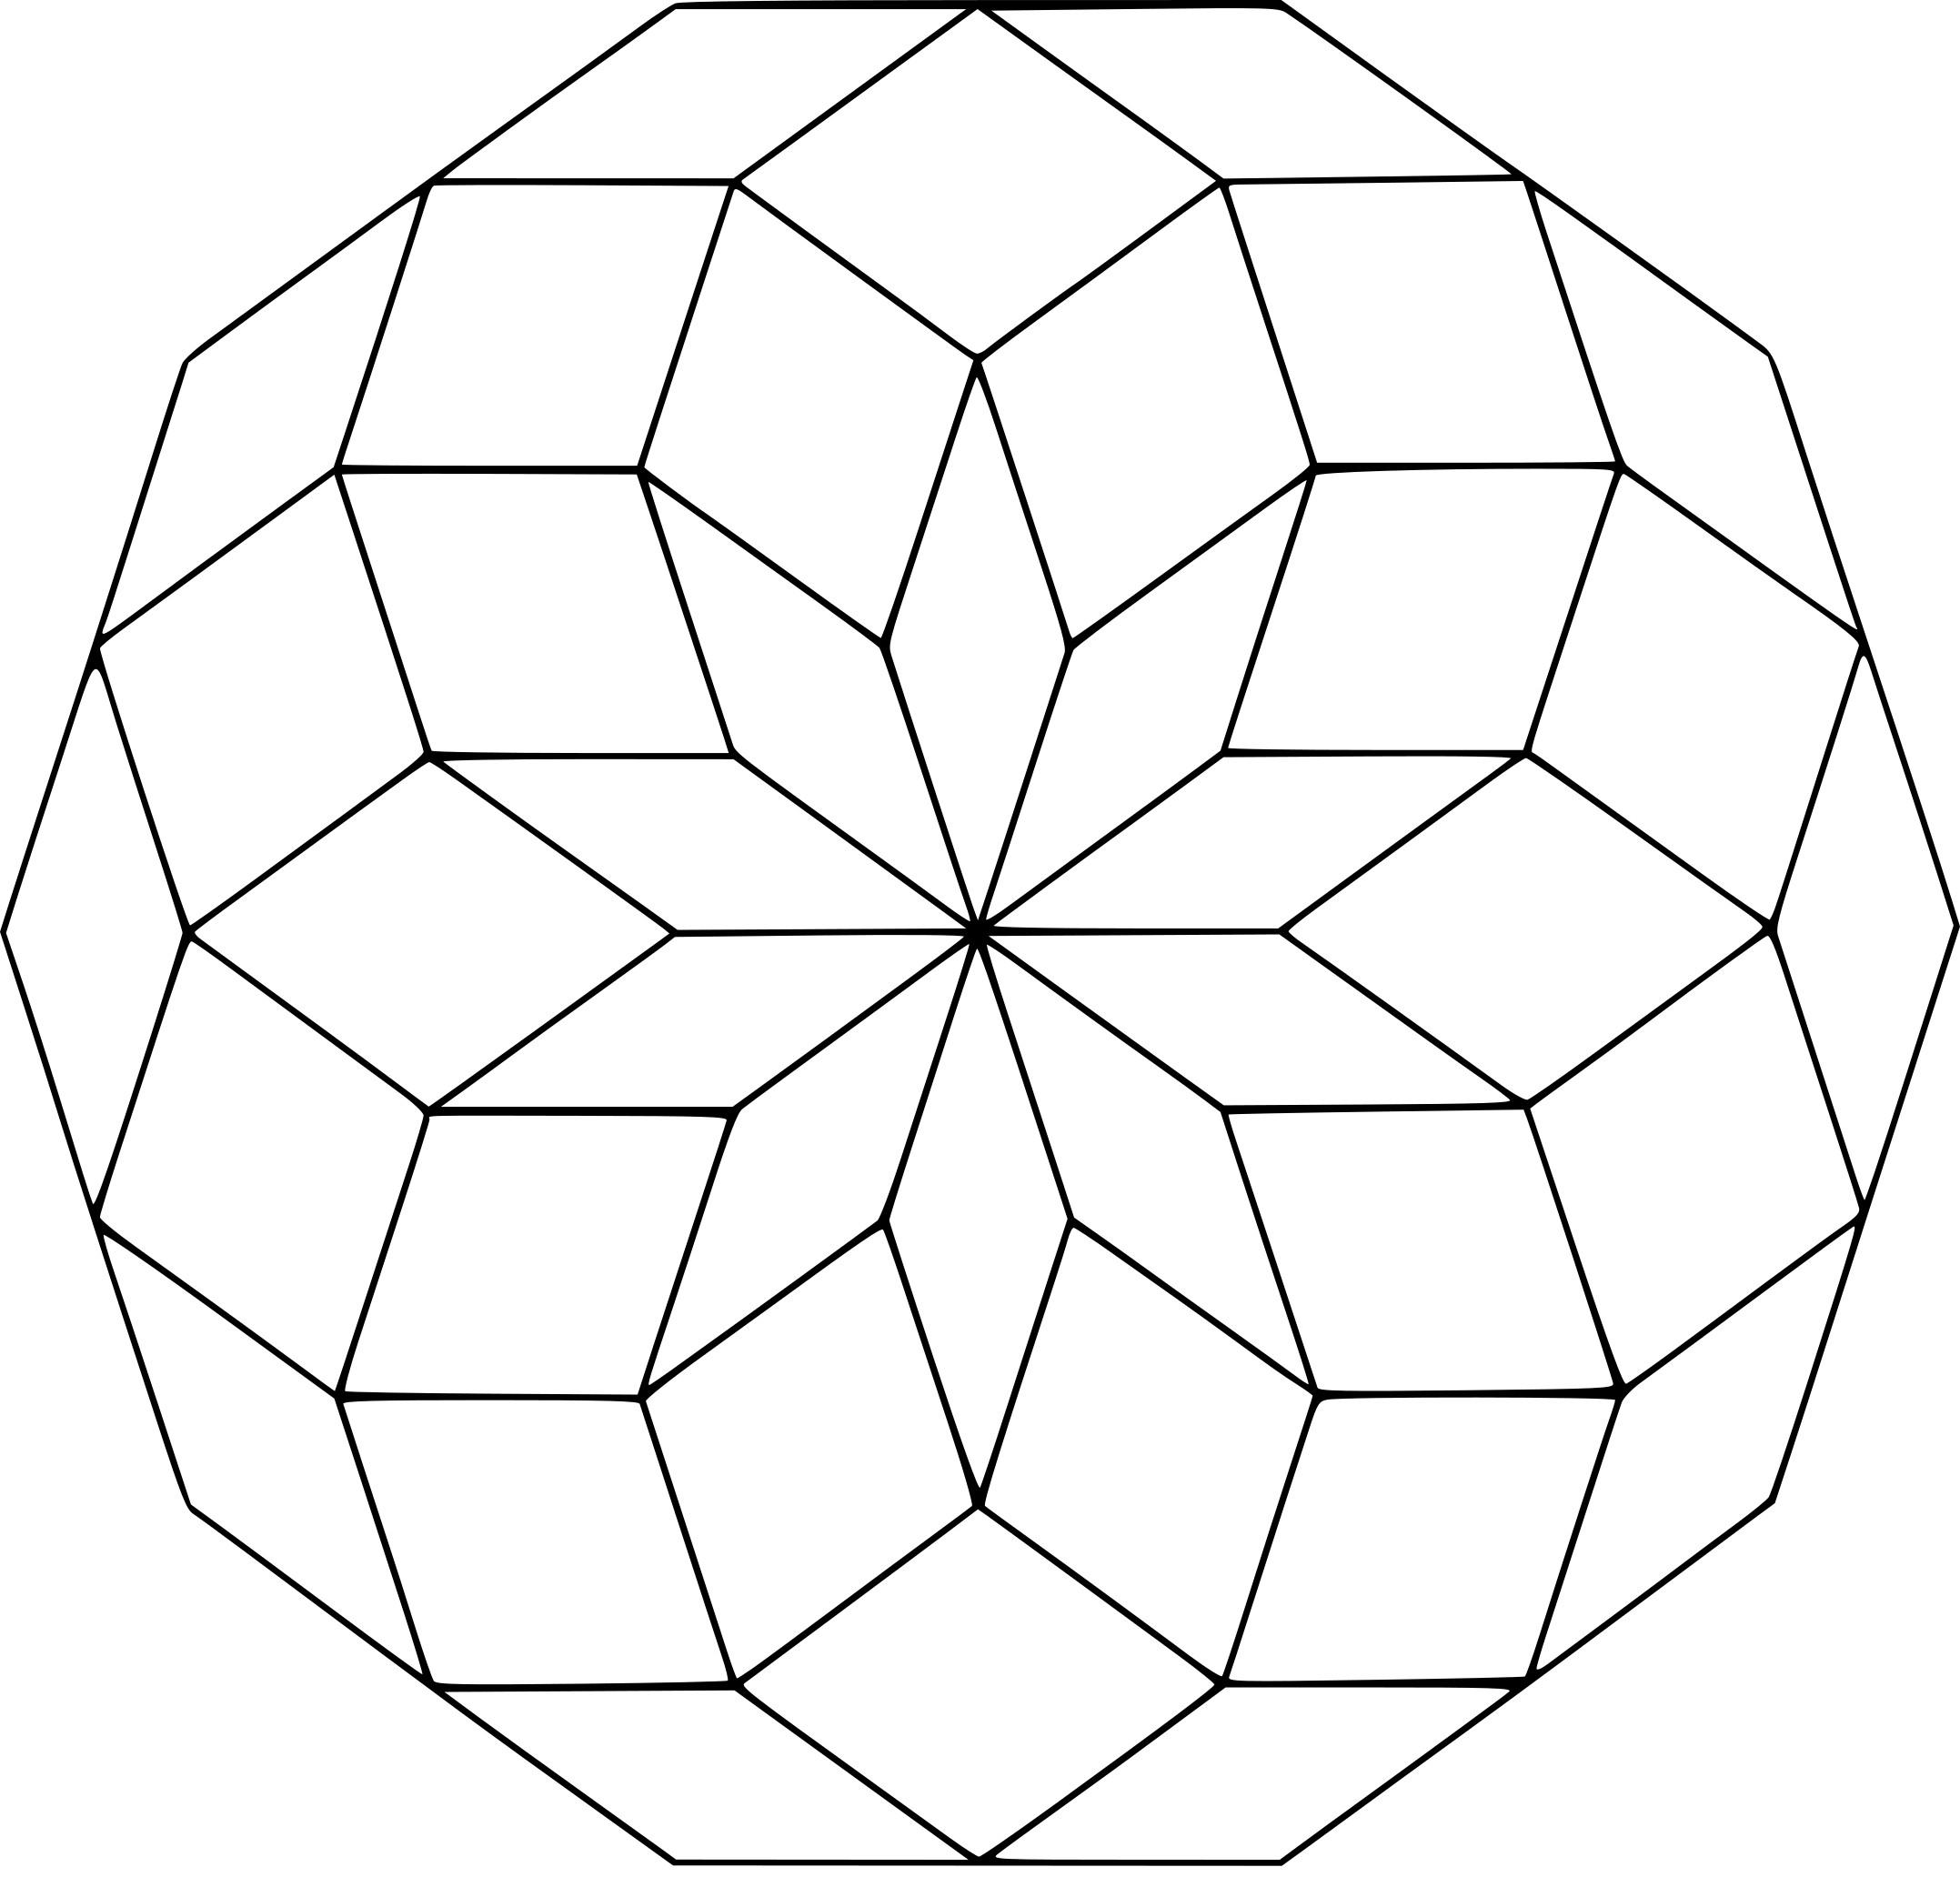 Coloriage Mandala 3D À Imprimer intérieur Coloriage De Mandala Difficile A Imprimer